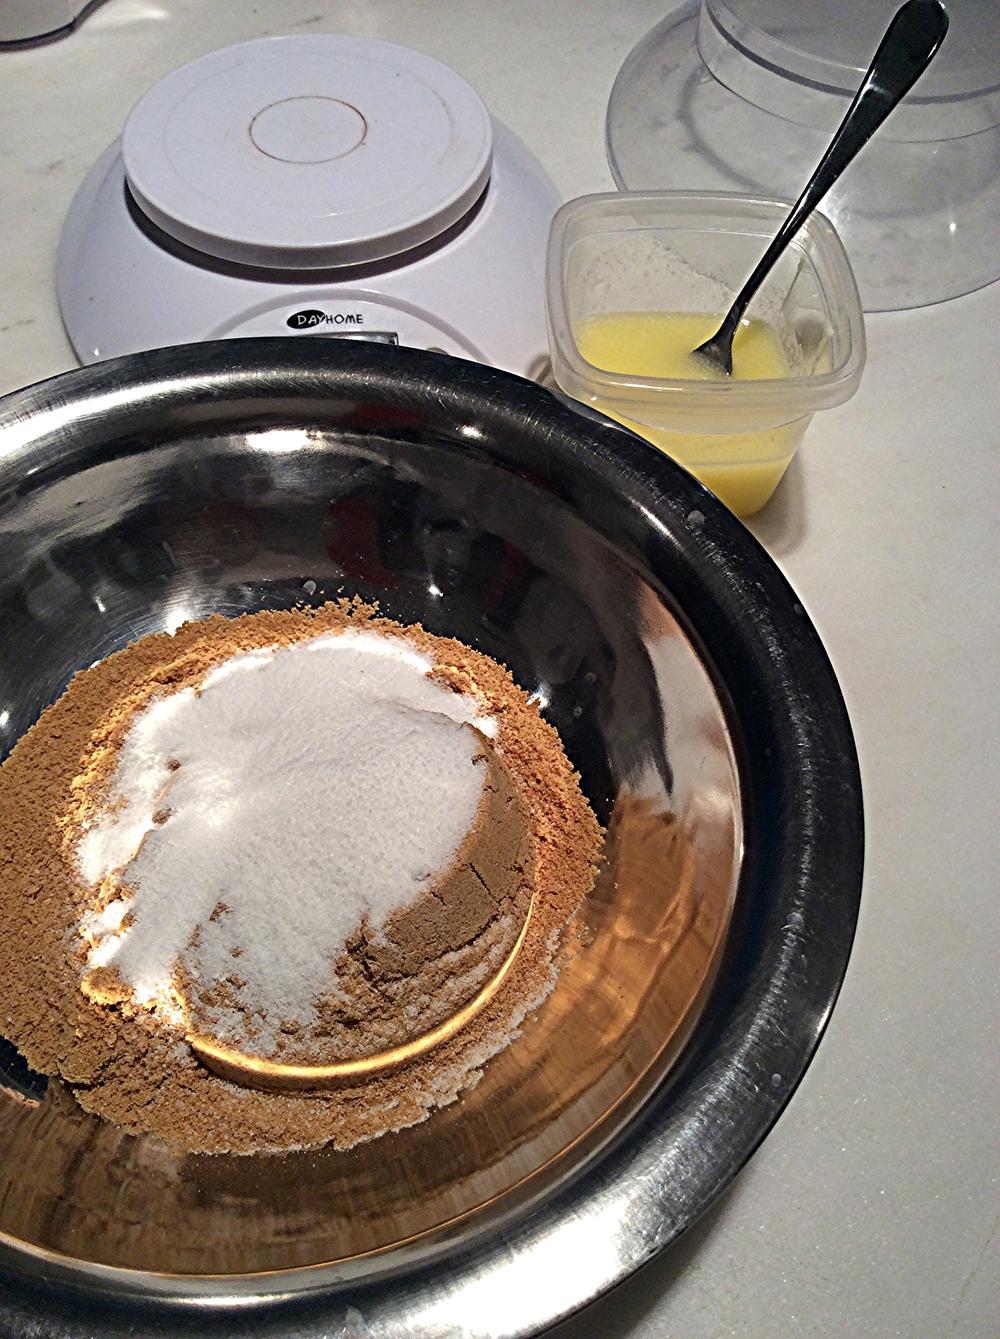 Triture os biscoitos no liquidificador ou processador de alimentos. Junte o açúcar, o cacau em pó e processe até incorporar.